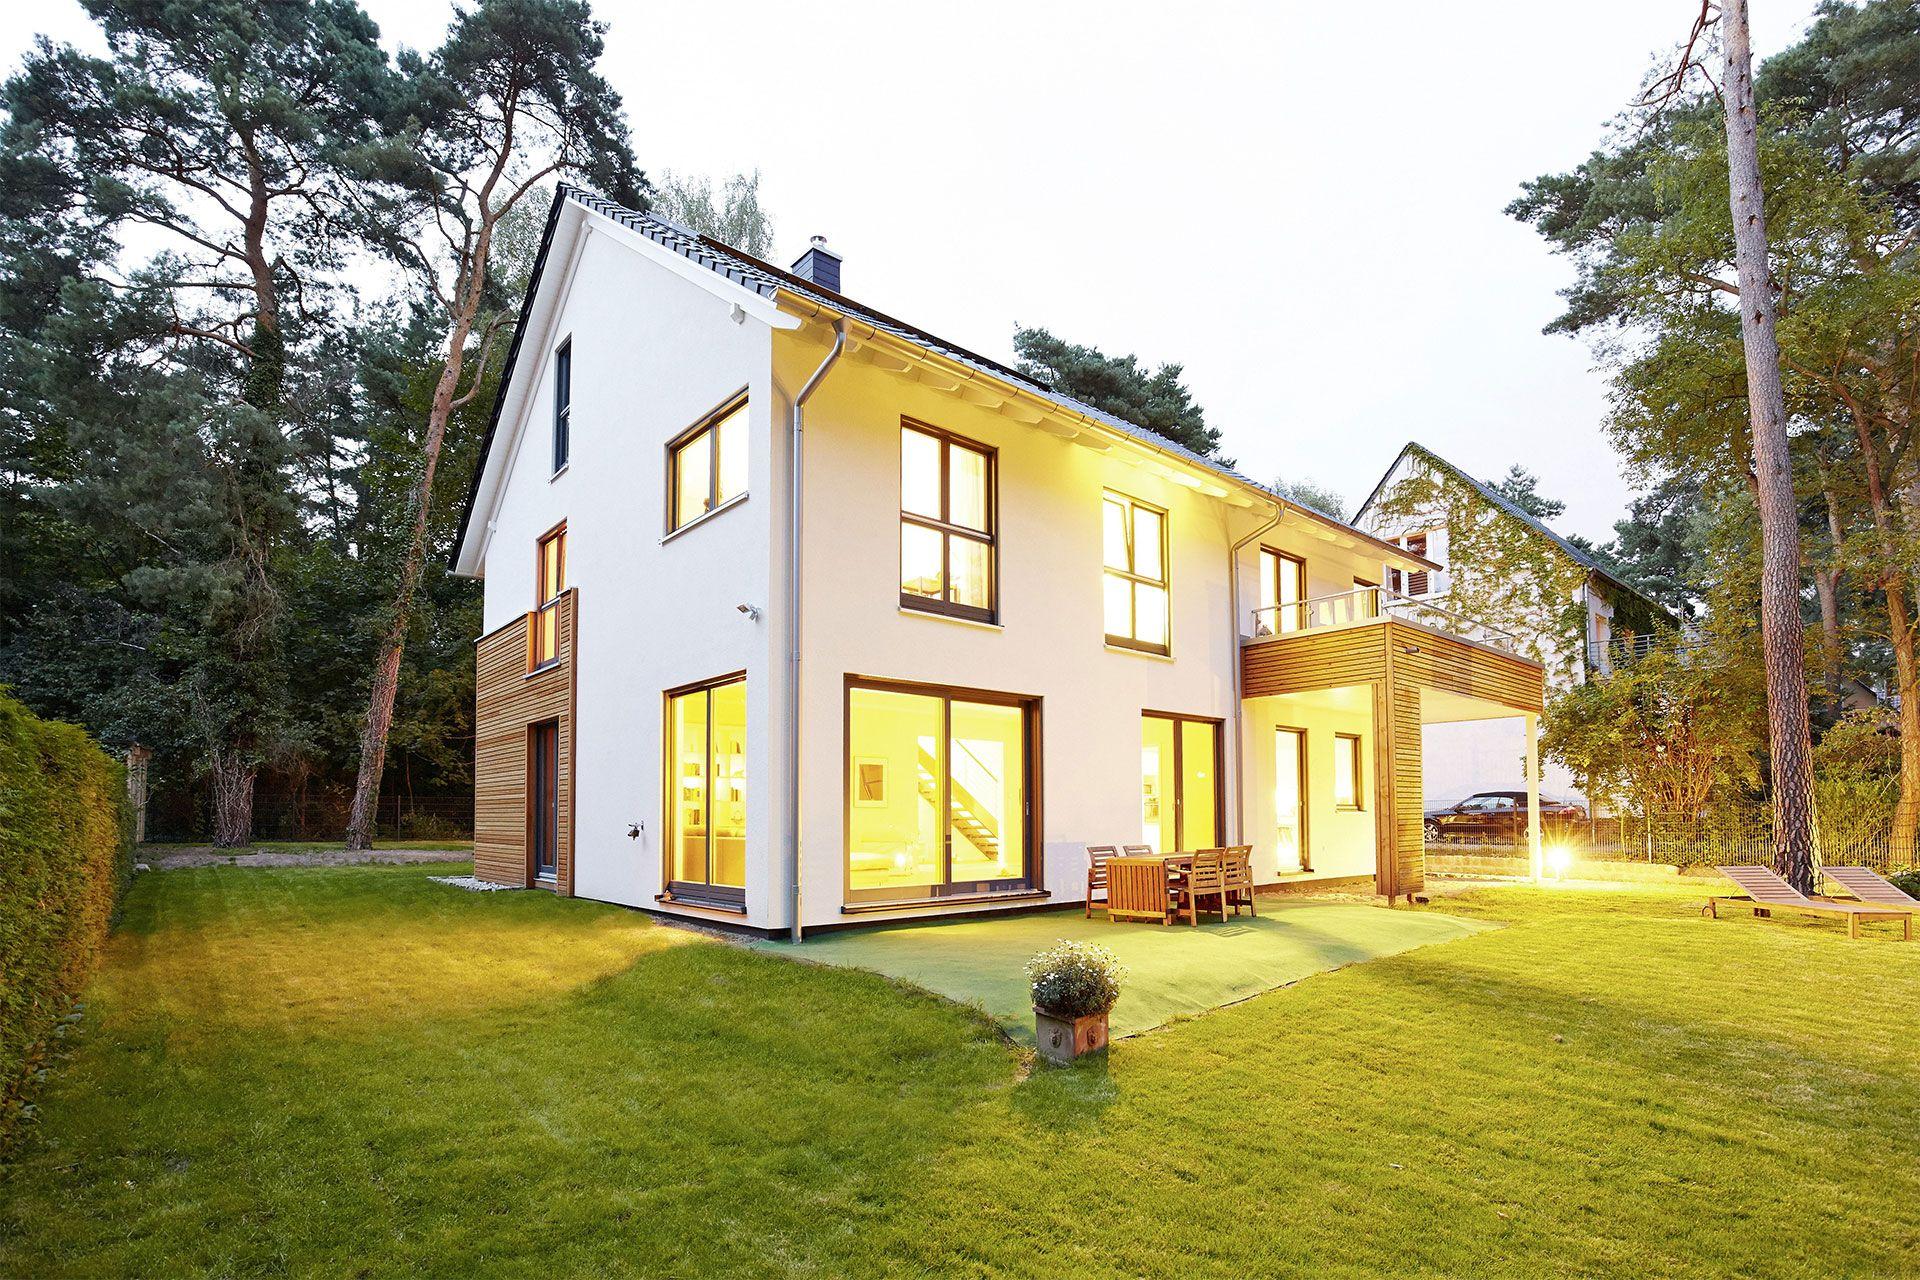 Das Luxuriöse Fertighaus Modell Waldsee Ist Eine Gelungene Kombination Aus  Moderner Architektur, Einem Flexiblen Grundriss Und Effizienter Haustechnik.